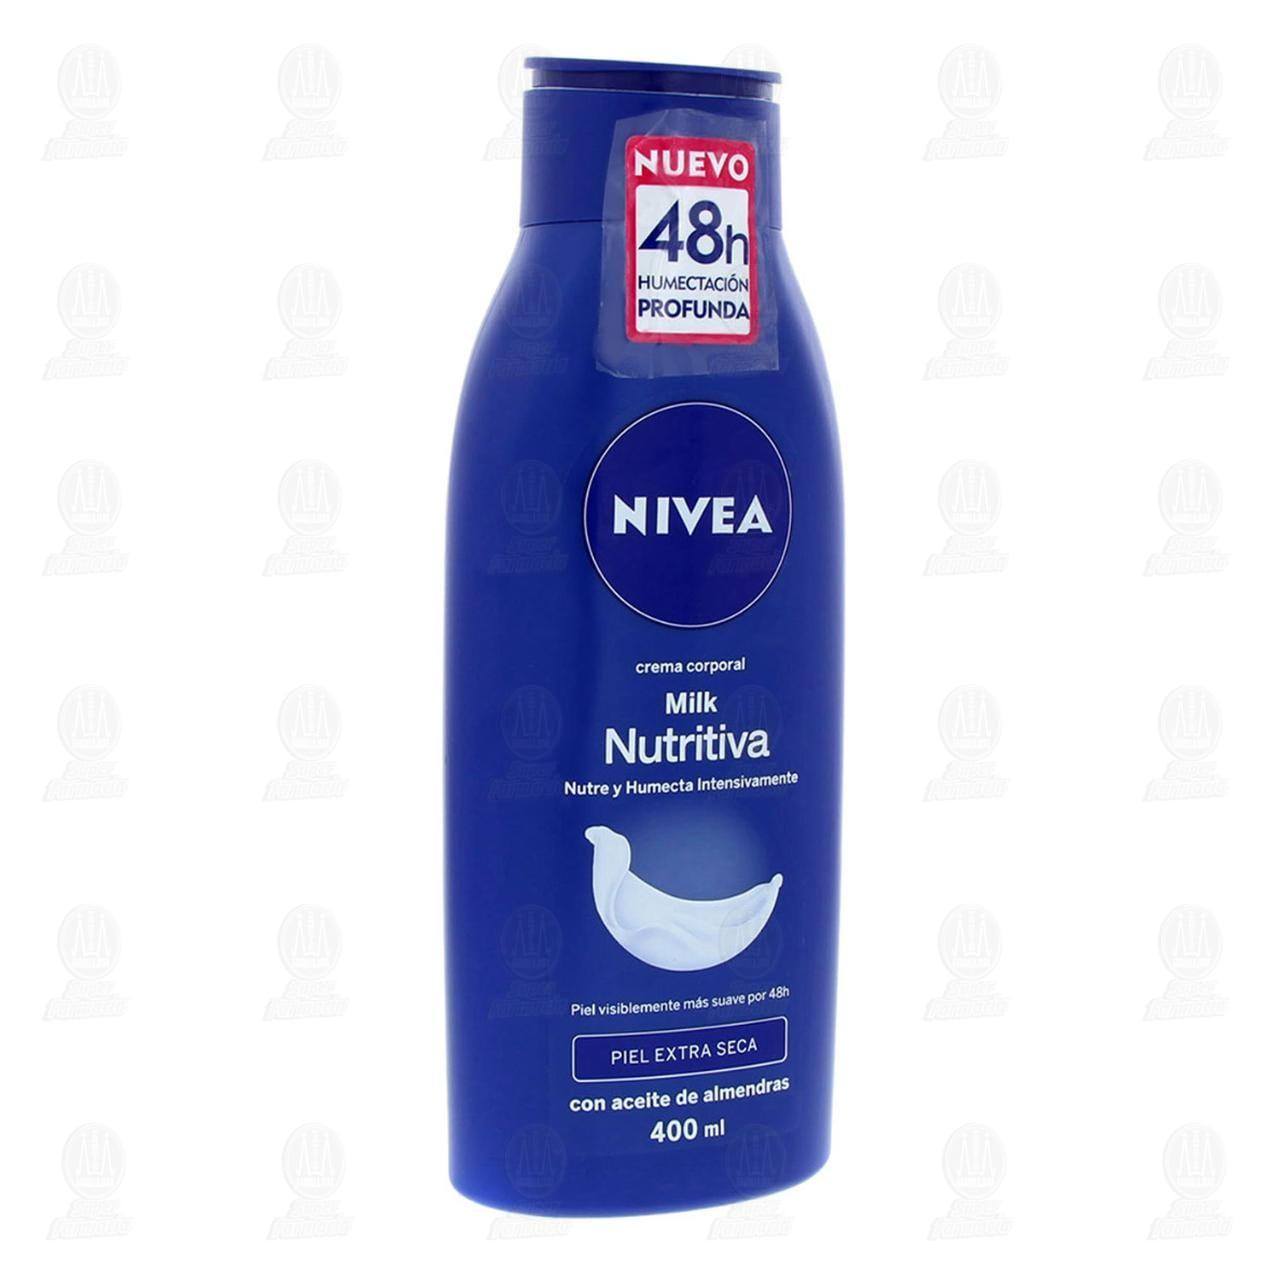 Comprar Nivea Crema Corporal Milk Nutritiva para Piel Extra Seca, 400ml. en Farmacias Guadalajara